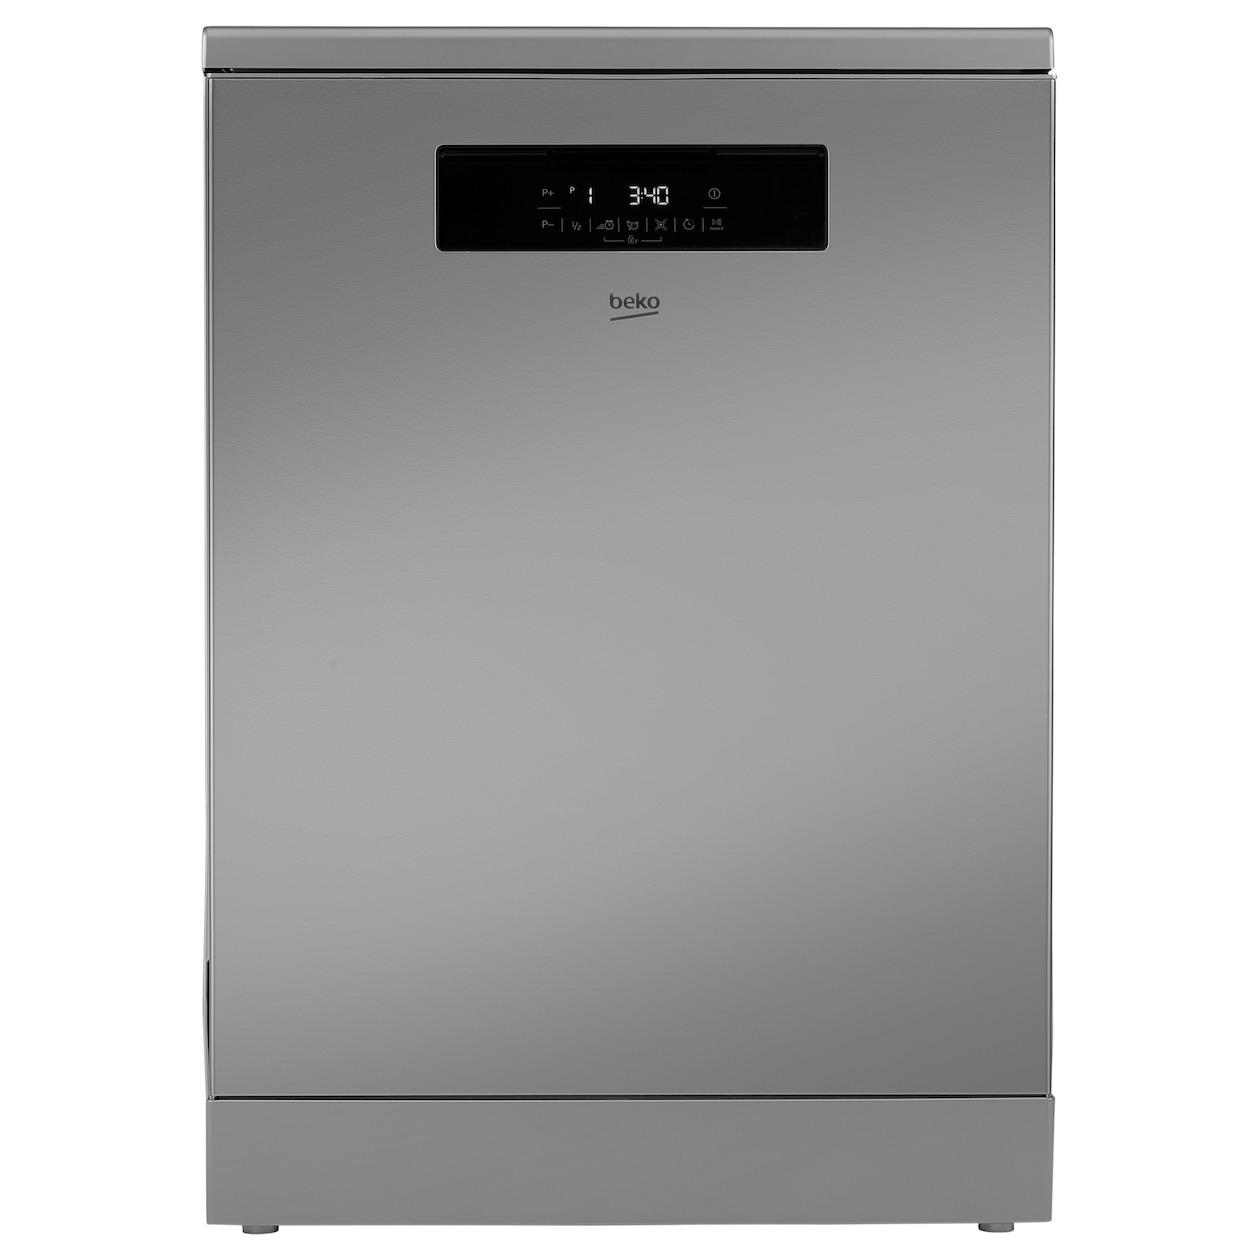 Beko vrijstaande vaatwasser DFN38535X - Prijsvergelijk